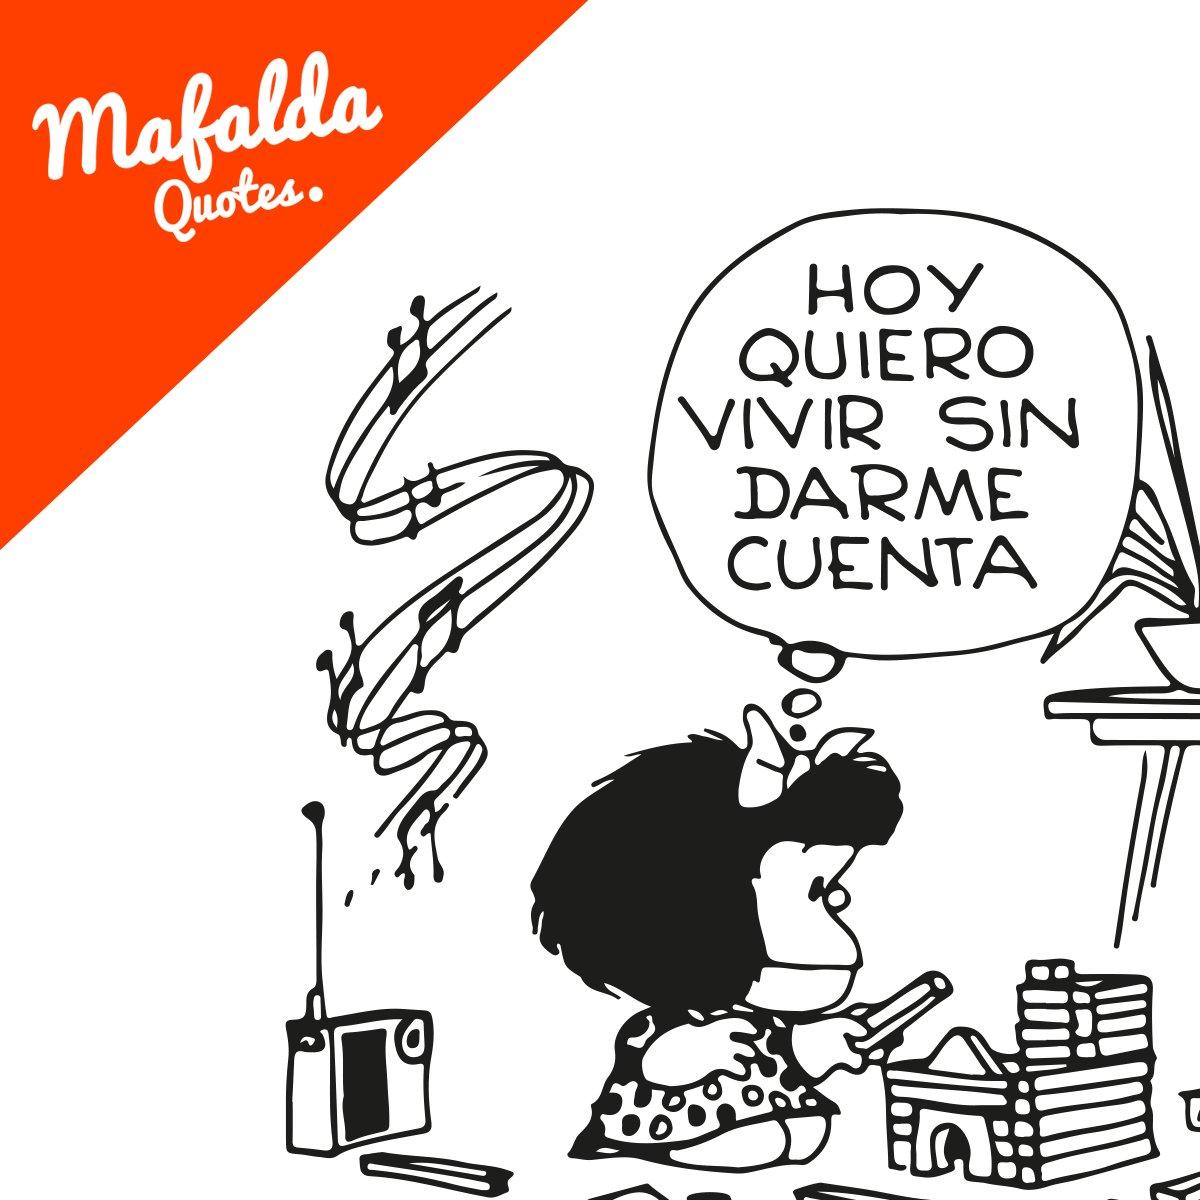 ¡Y se puede porque es sábado! #MafaldaQuotes #Viñetas #Sábado https://t.co/exQdLkMCa8